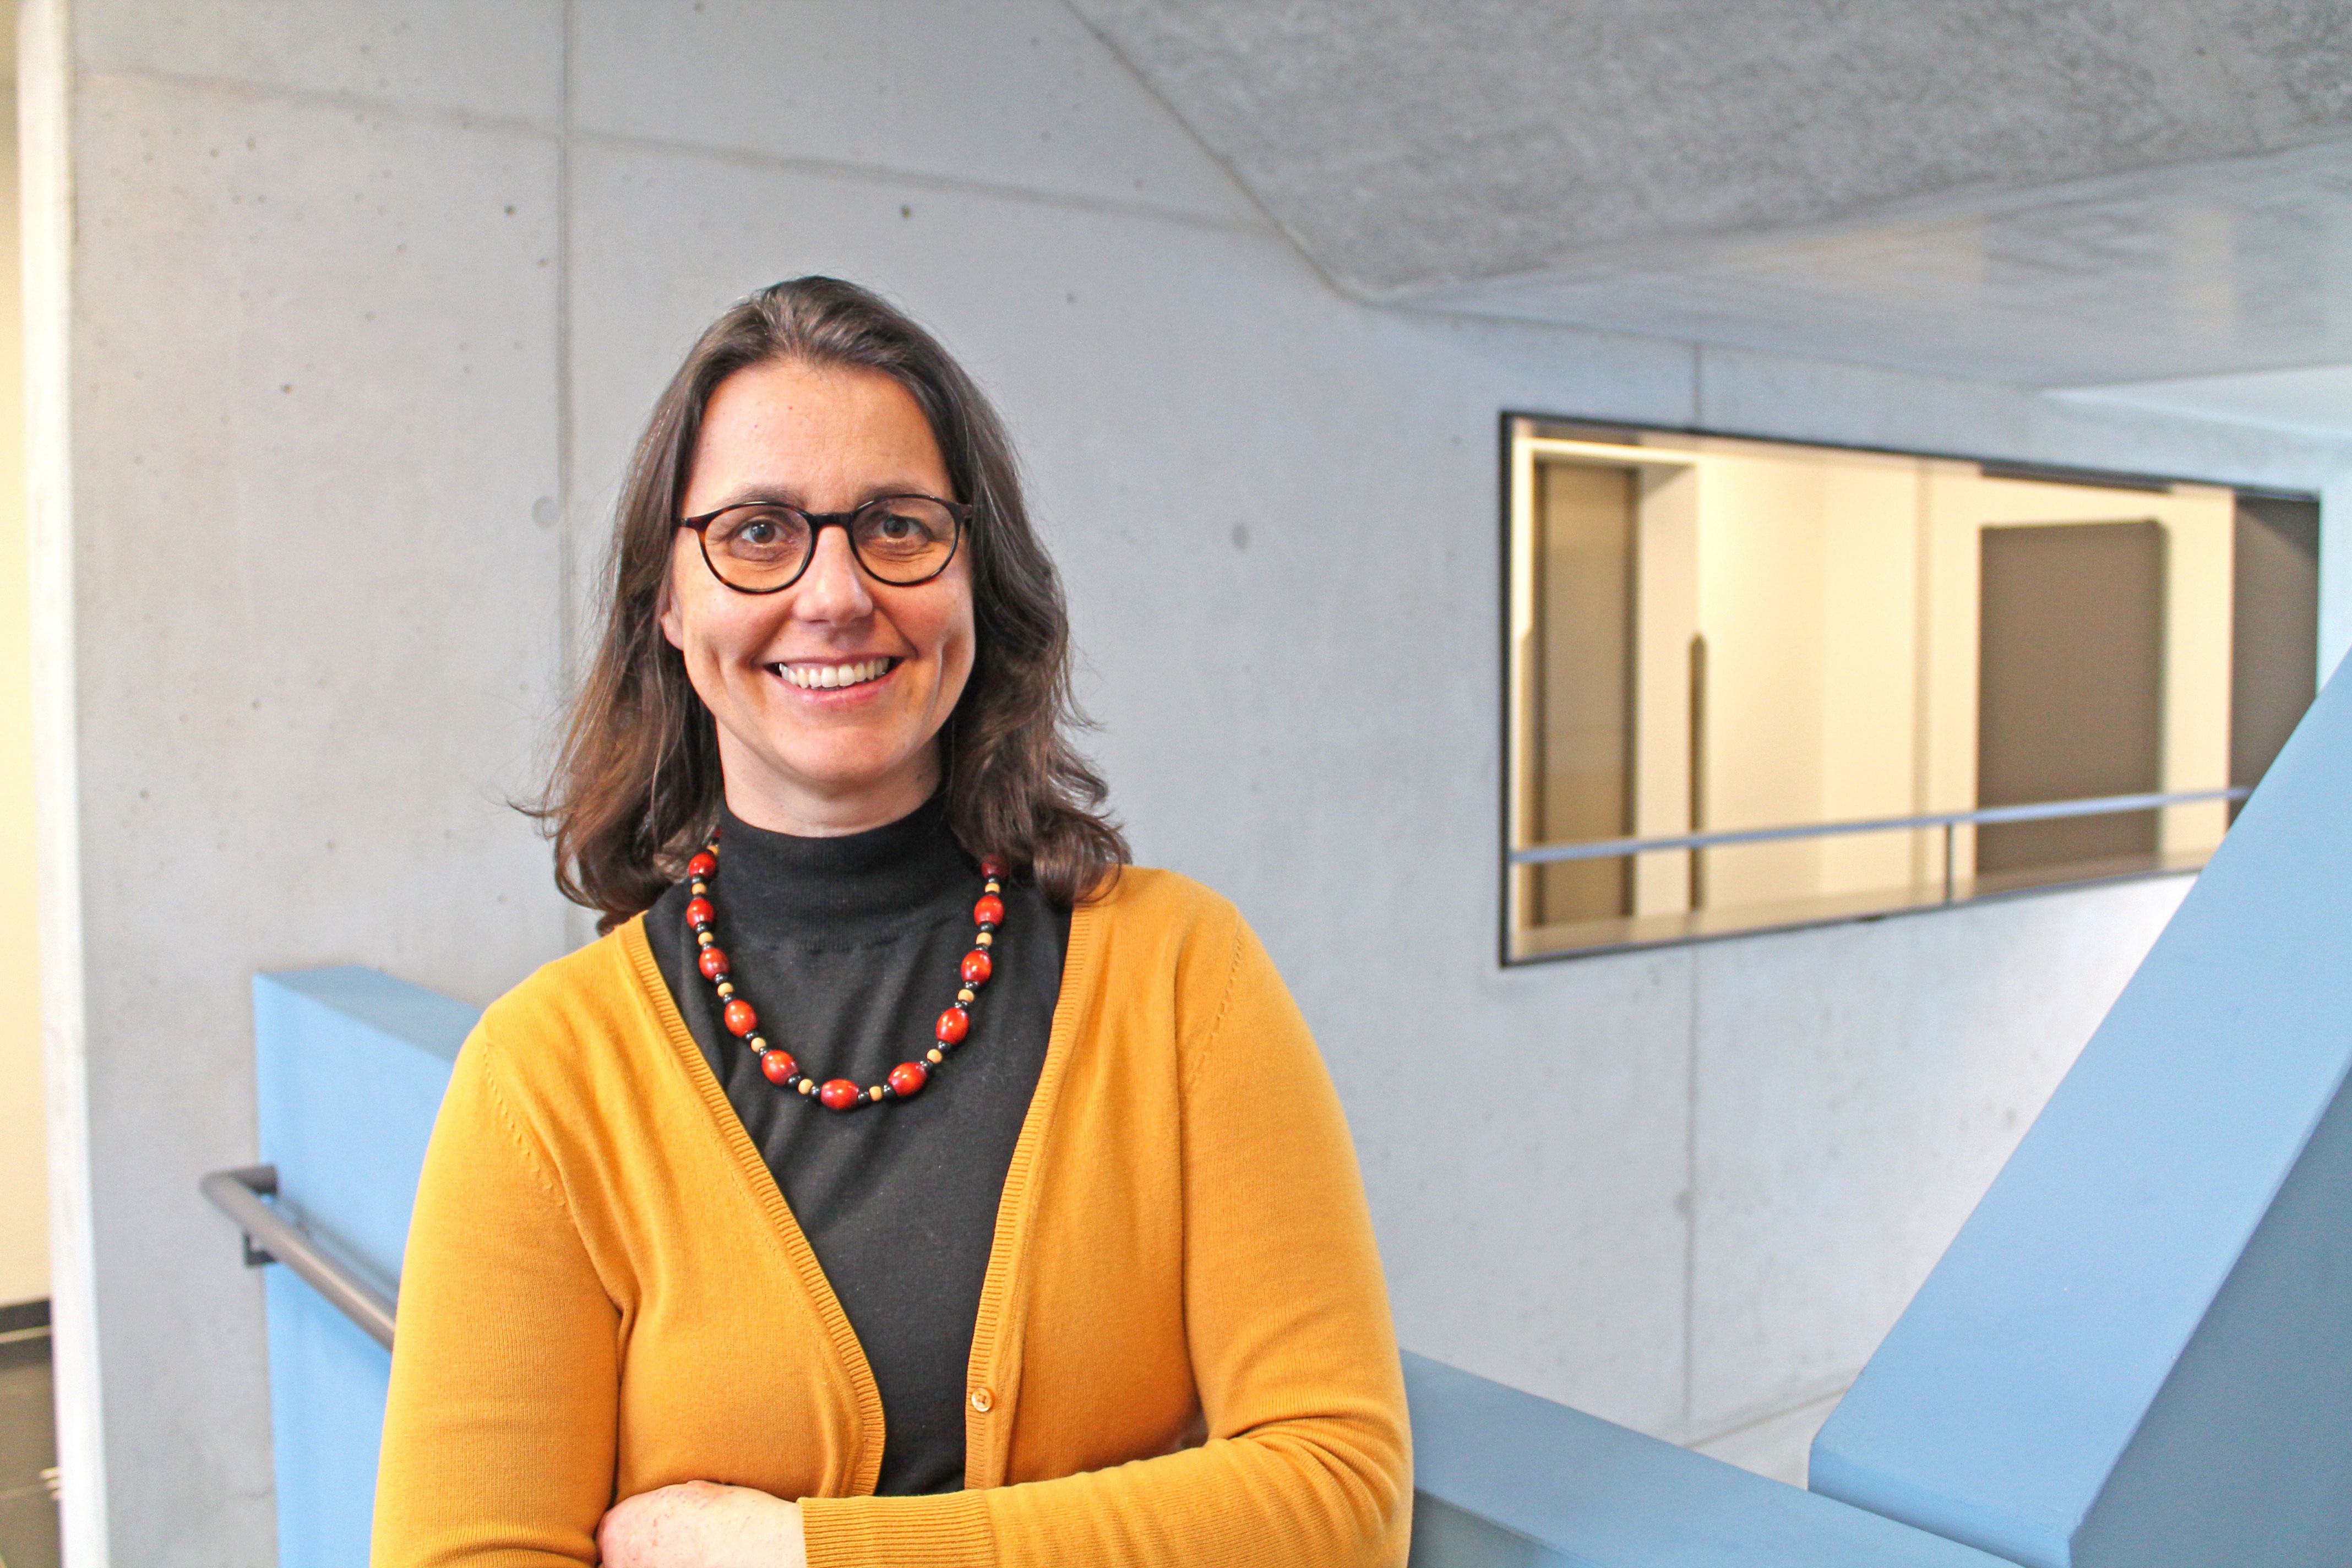 Prof.in Dr.in habil. Heike Köckler, Professorin für Sozialraum und Gesundheit an der hsg Bochum.